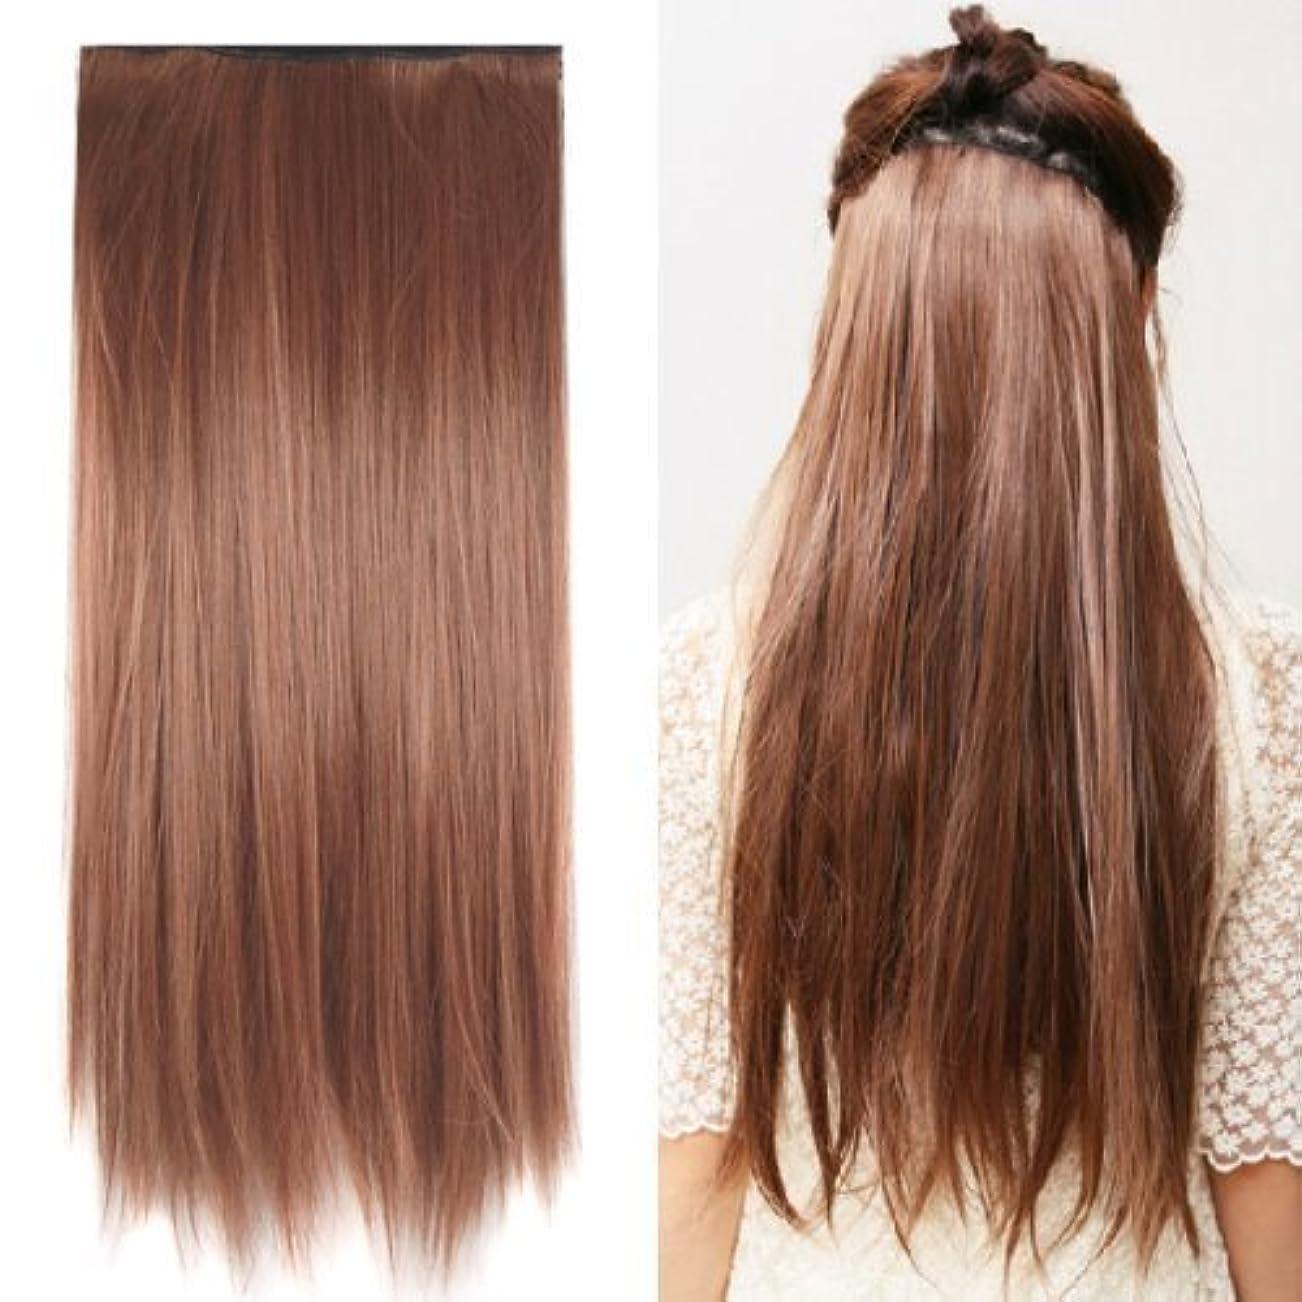 アライアンスパキスタンオートSODIAL(R) Clip in on hair Straight Tail extensions New human heat resistant fibe - Blonde